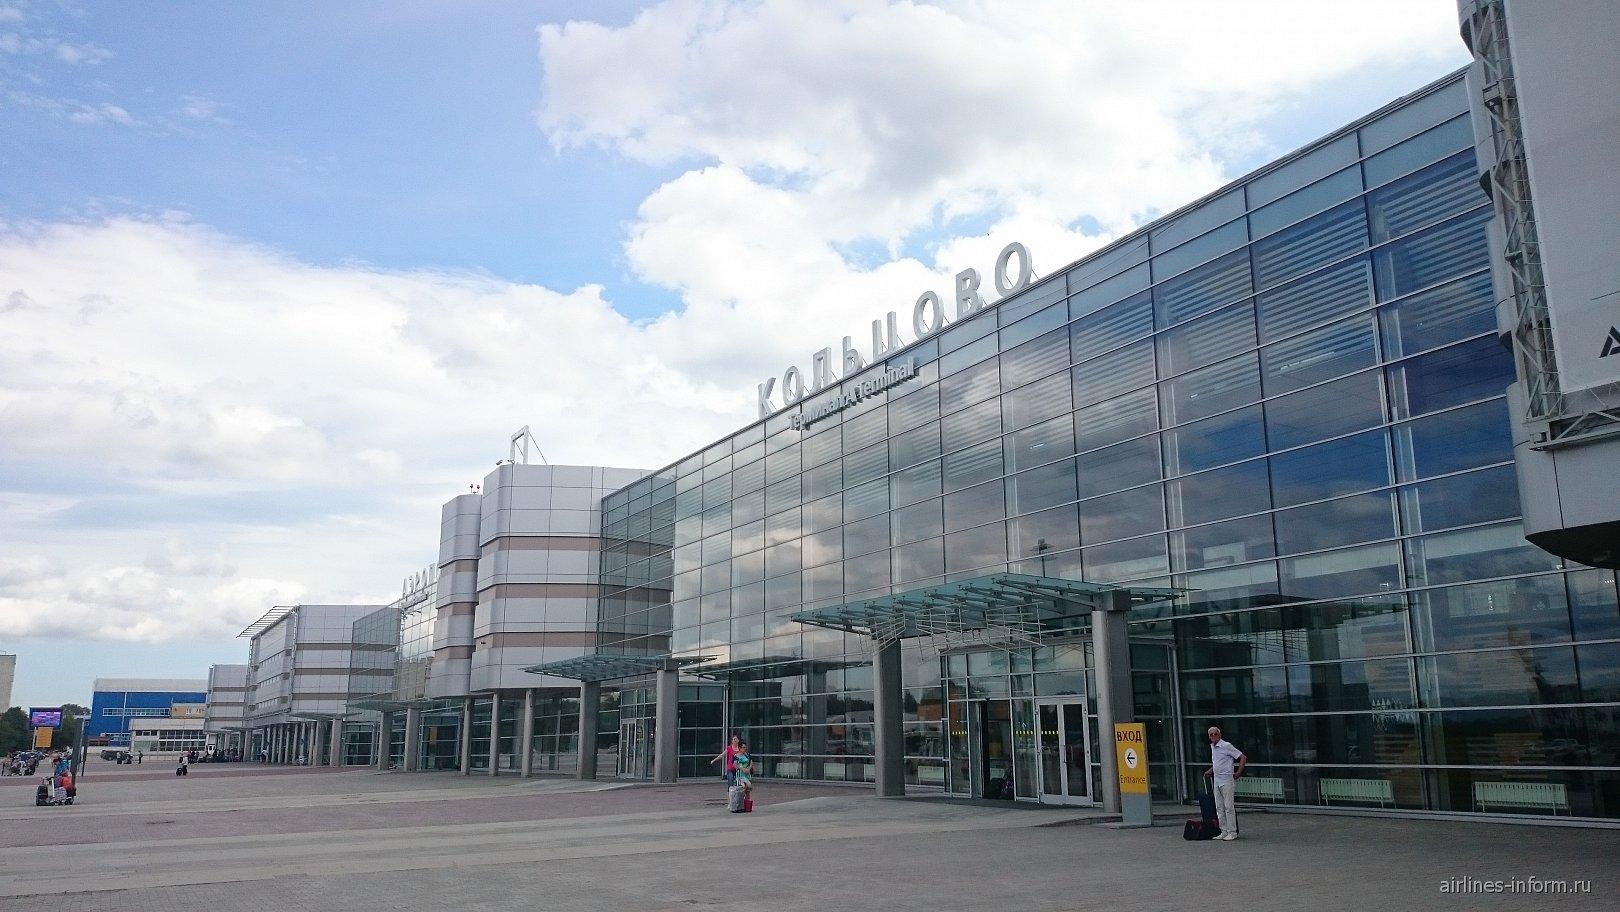 Пассажирский терминал А аэропорта Екатеринбург Кольцово